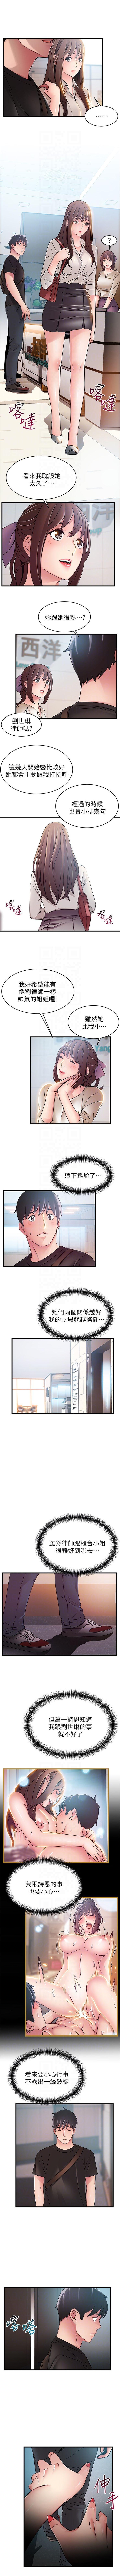 (週7)弱點 1-76 中文翻譯(更新中) 301